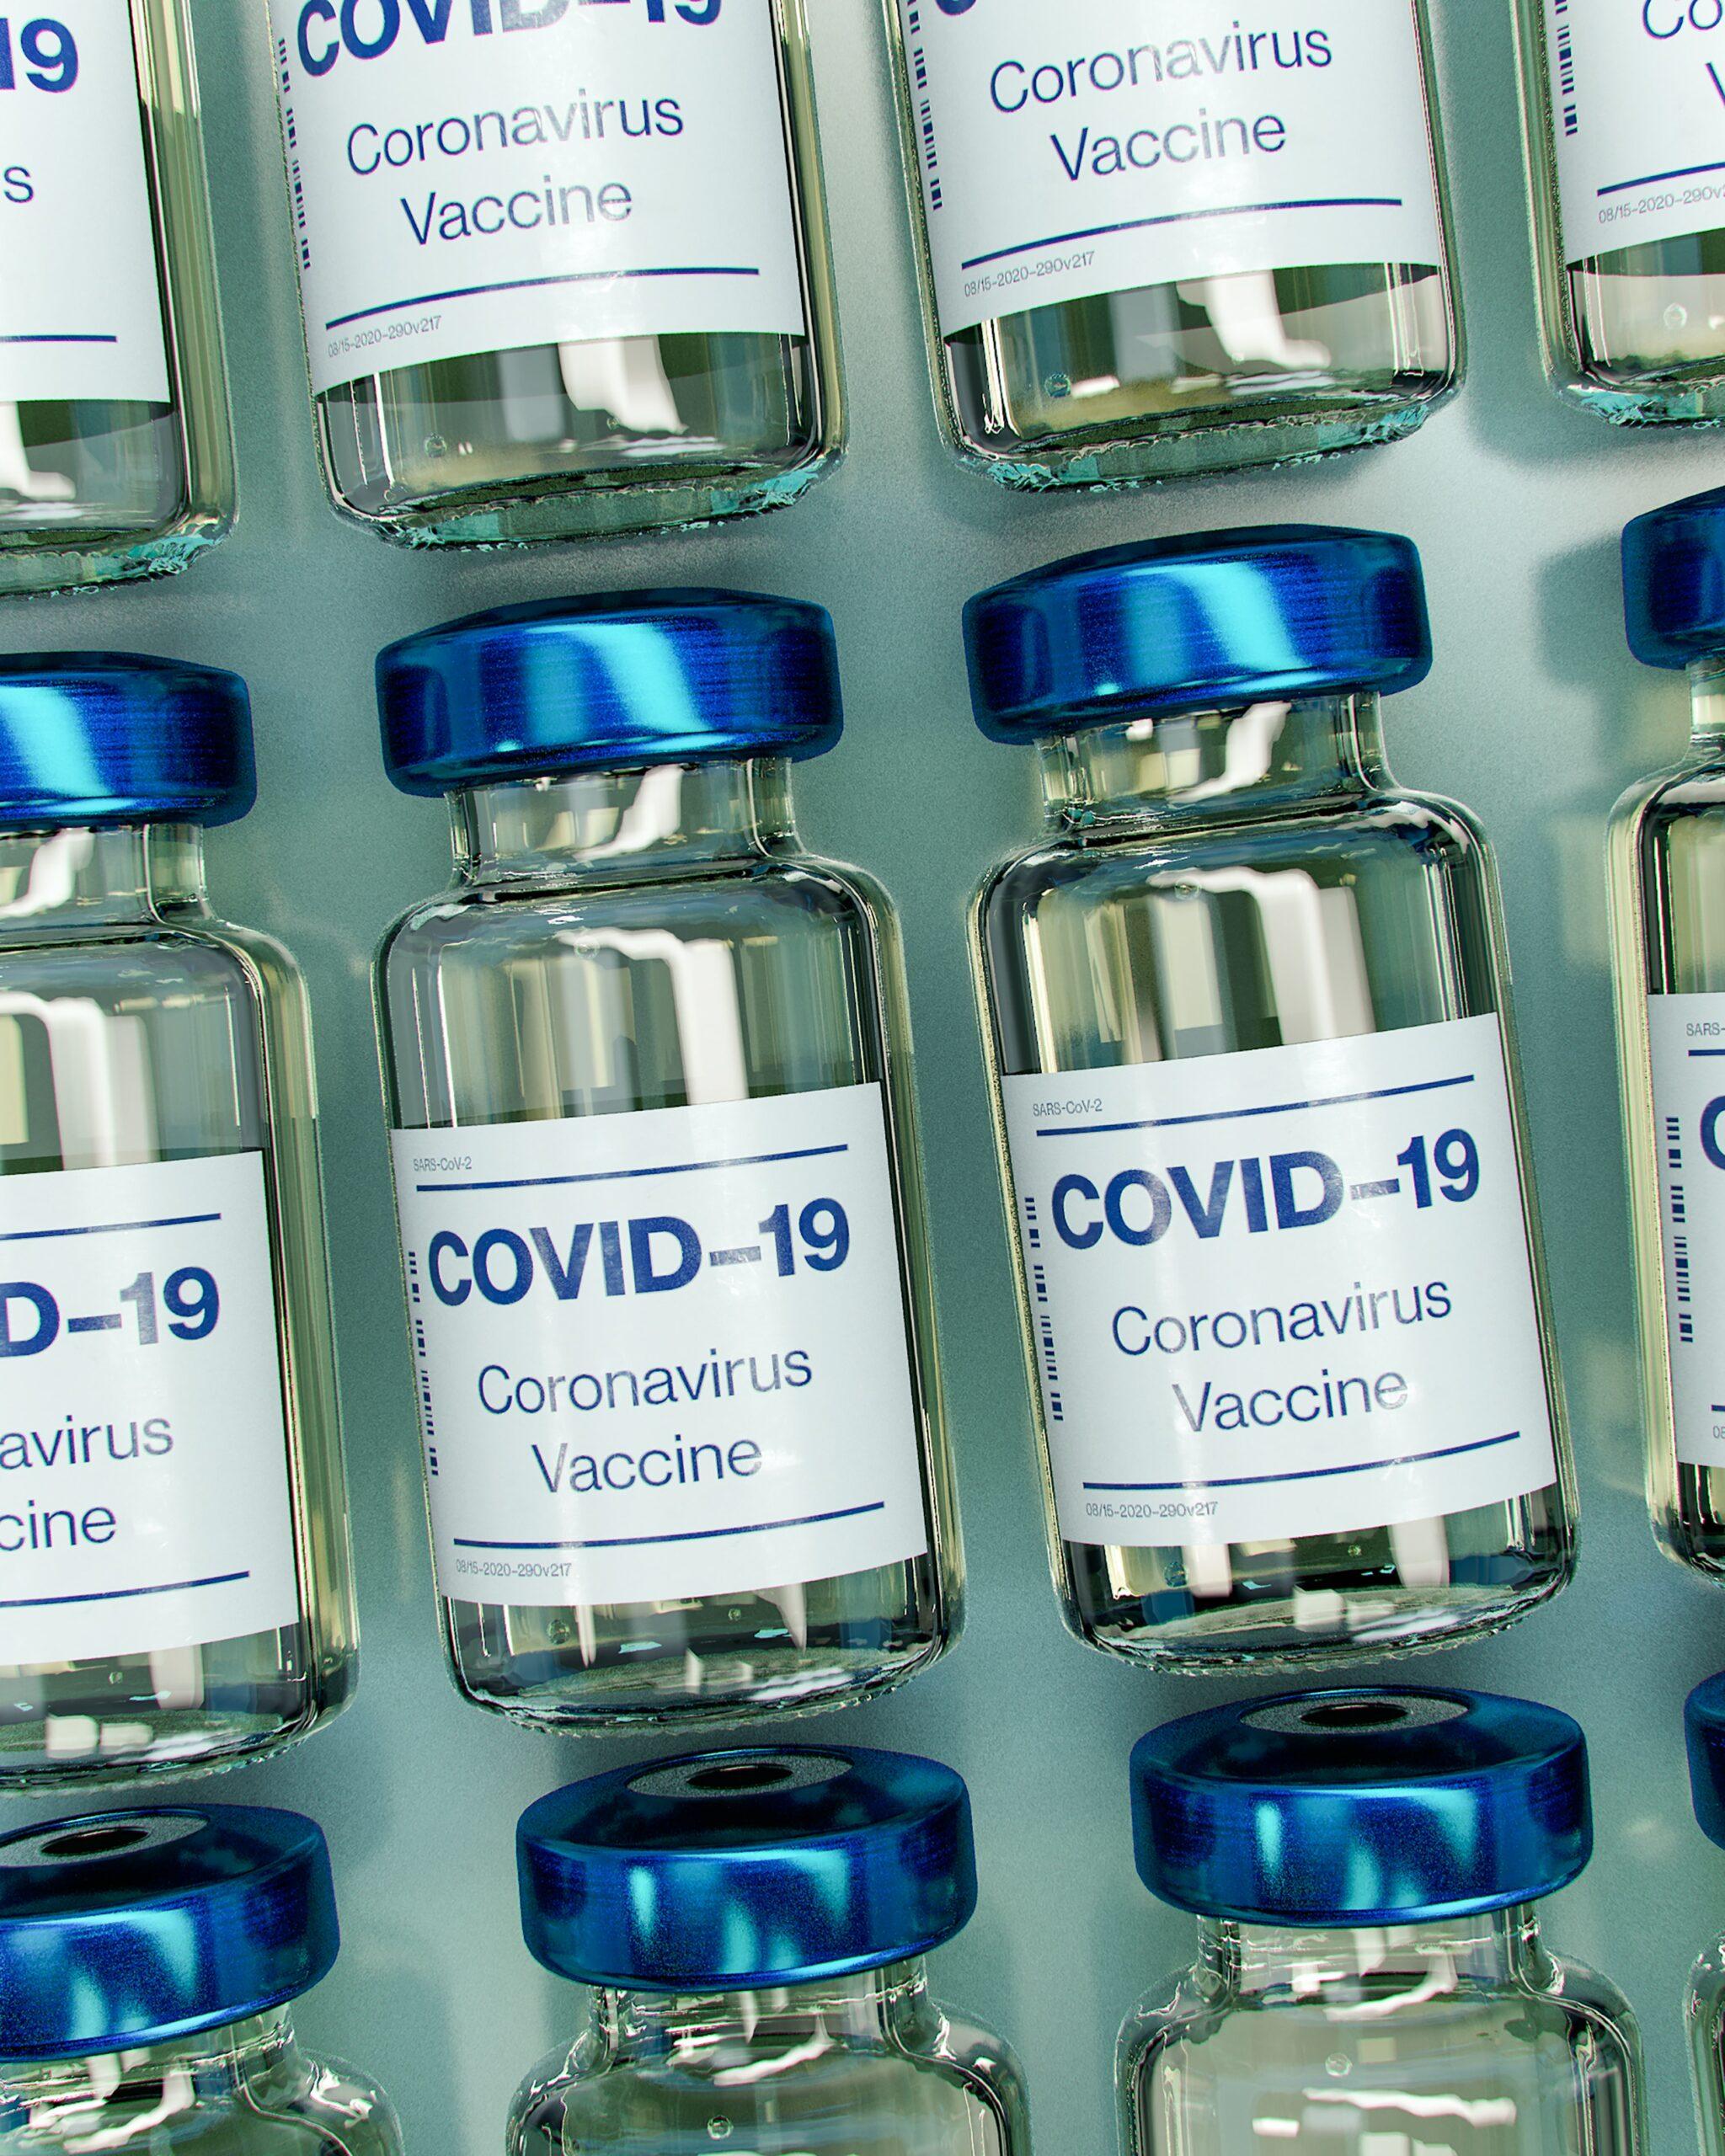 COVID vaccine image